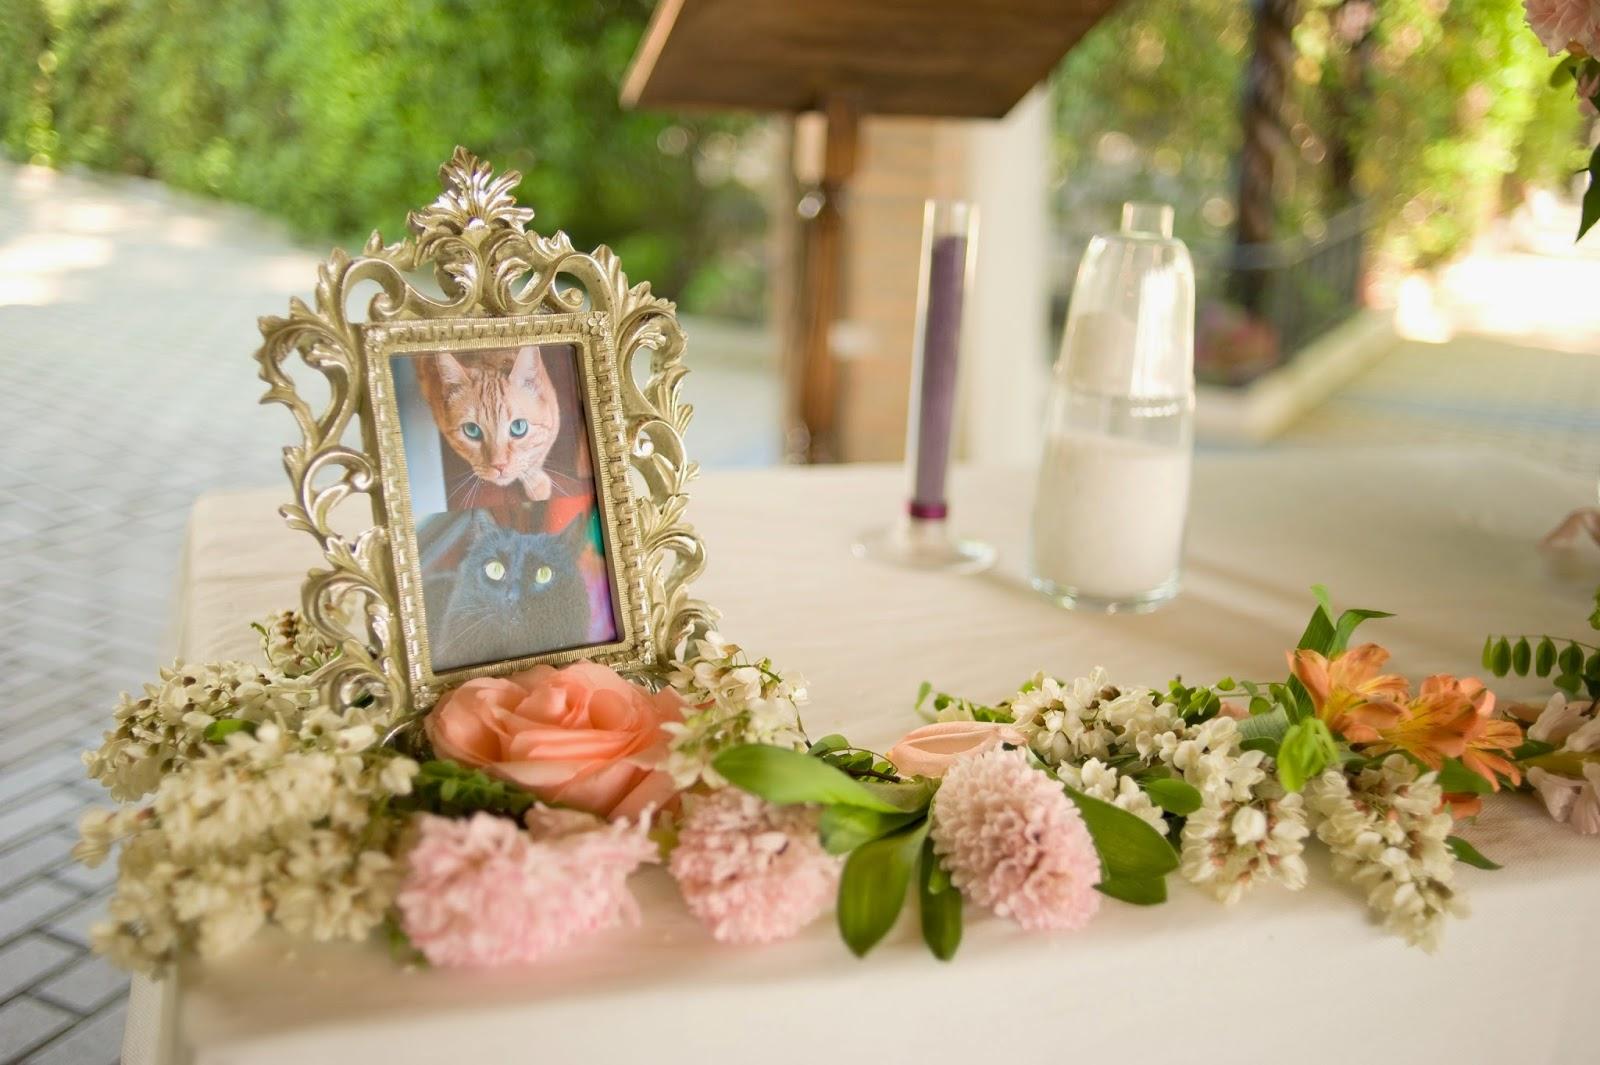 Decoraci n de bodas vintage r stico chic la boda vintage for Boda en jardin decoracion